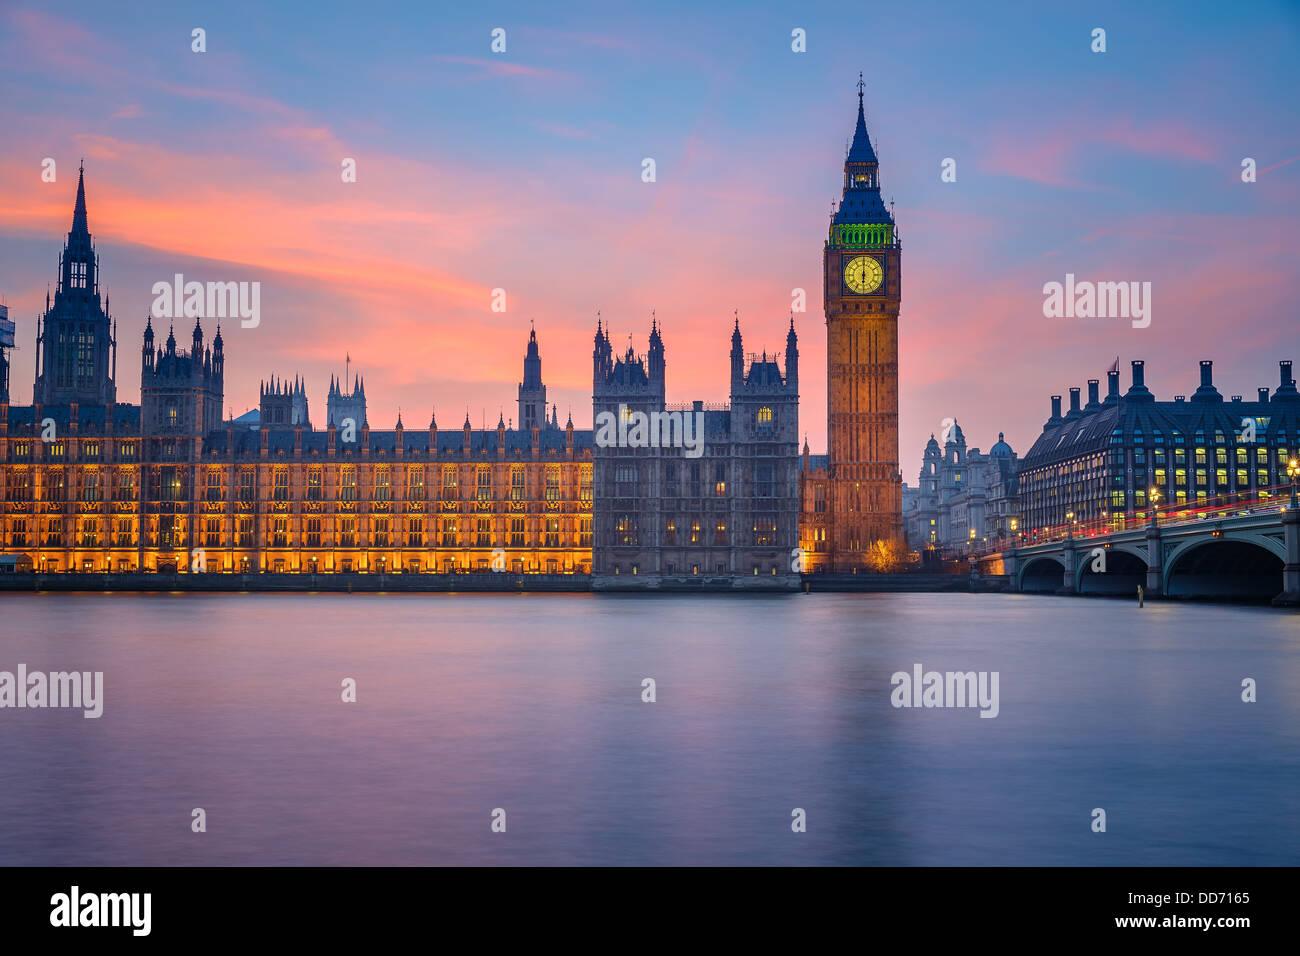 Case del Parlamento di notte, Londra Immagini Stock